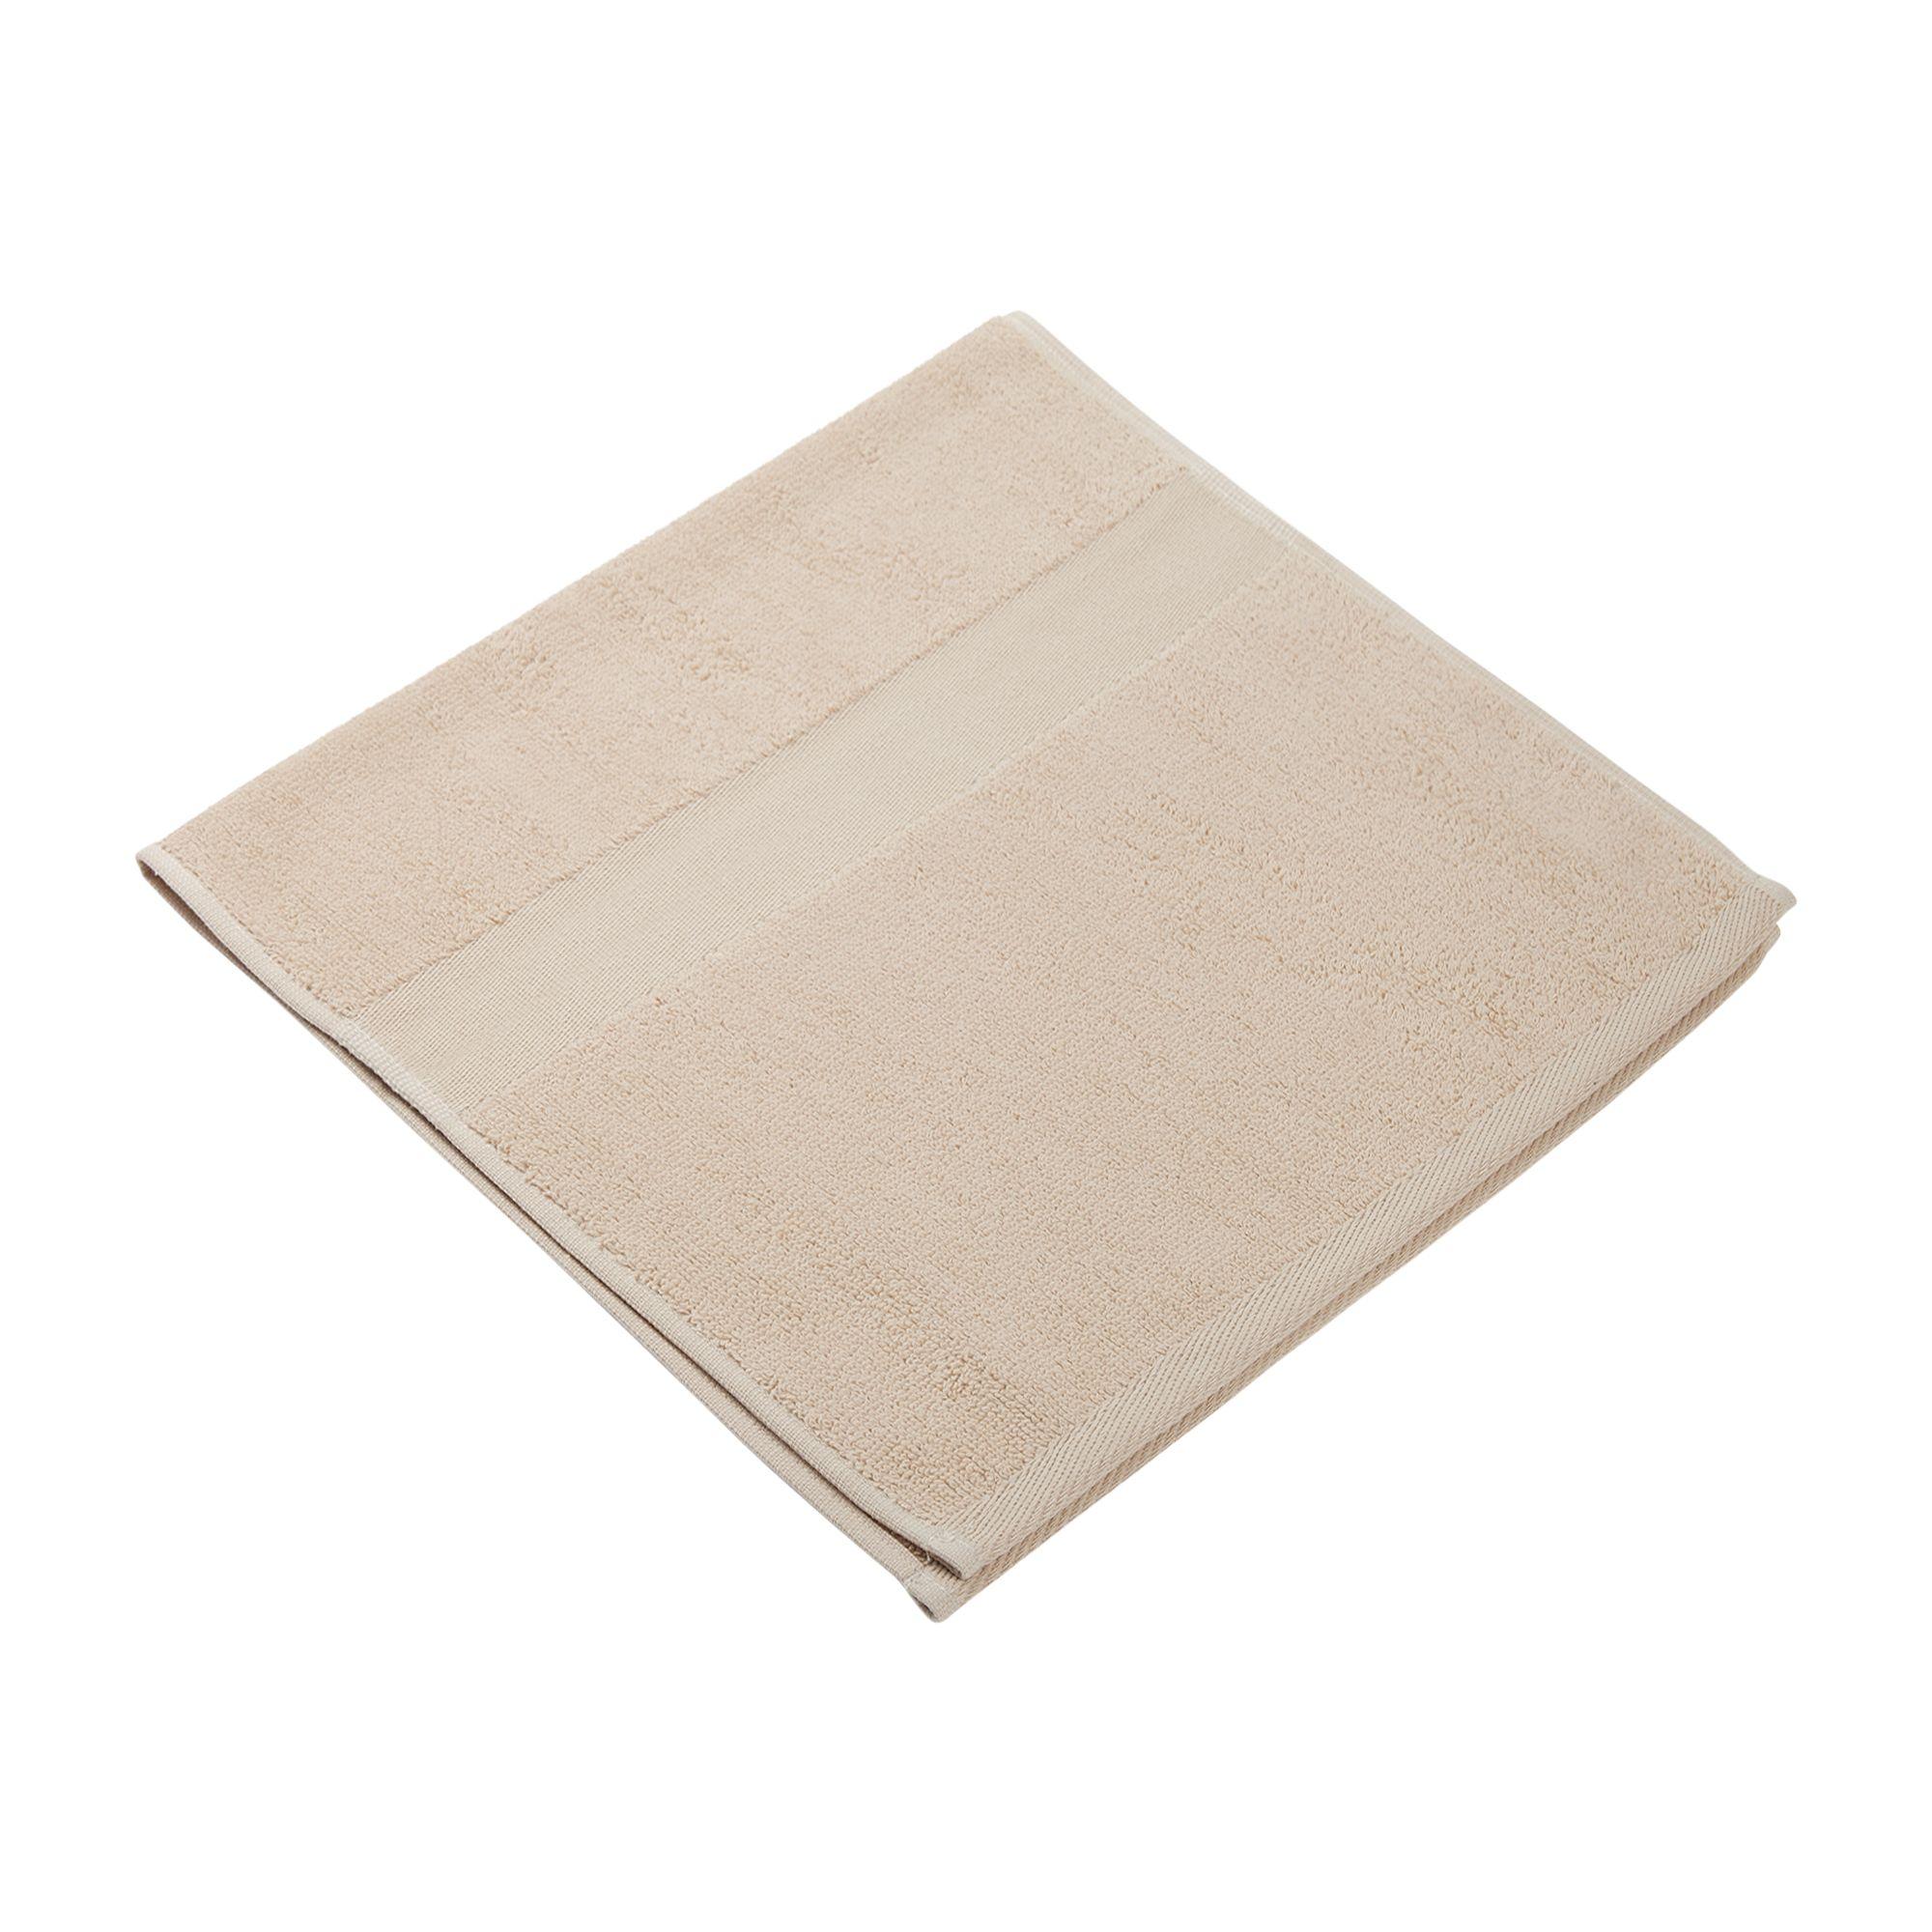 Полотенце махровое Small, бежевое